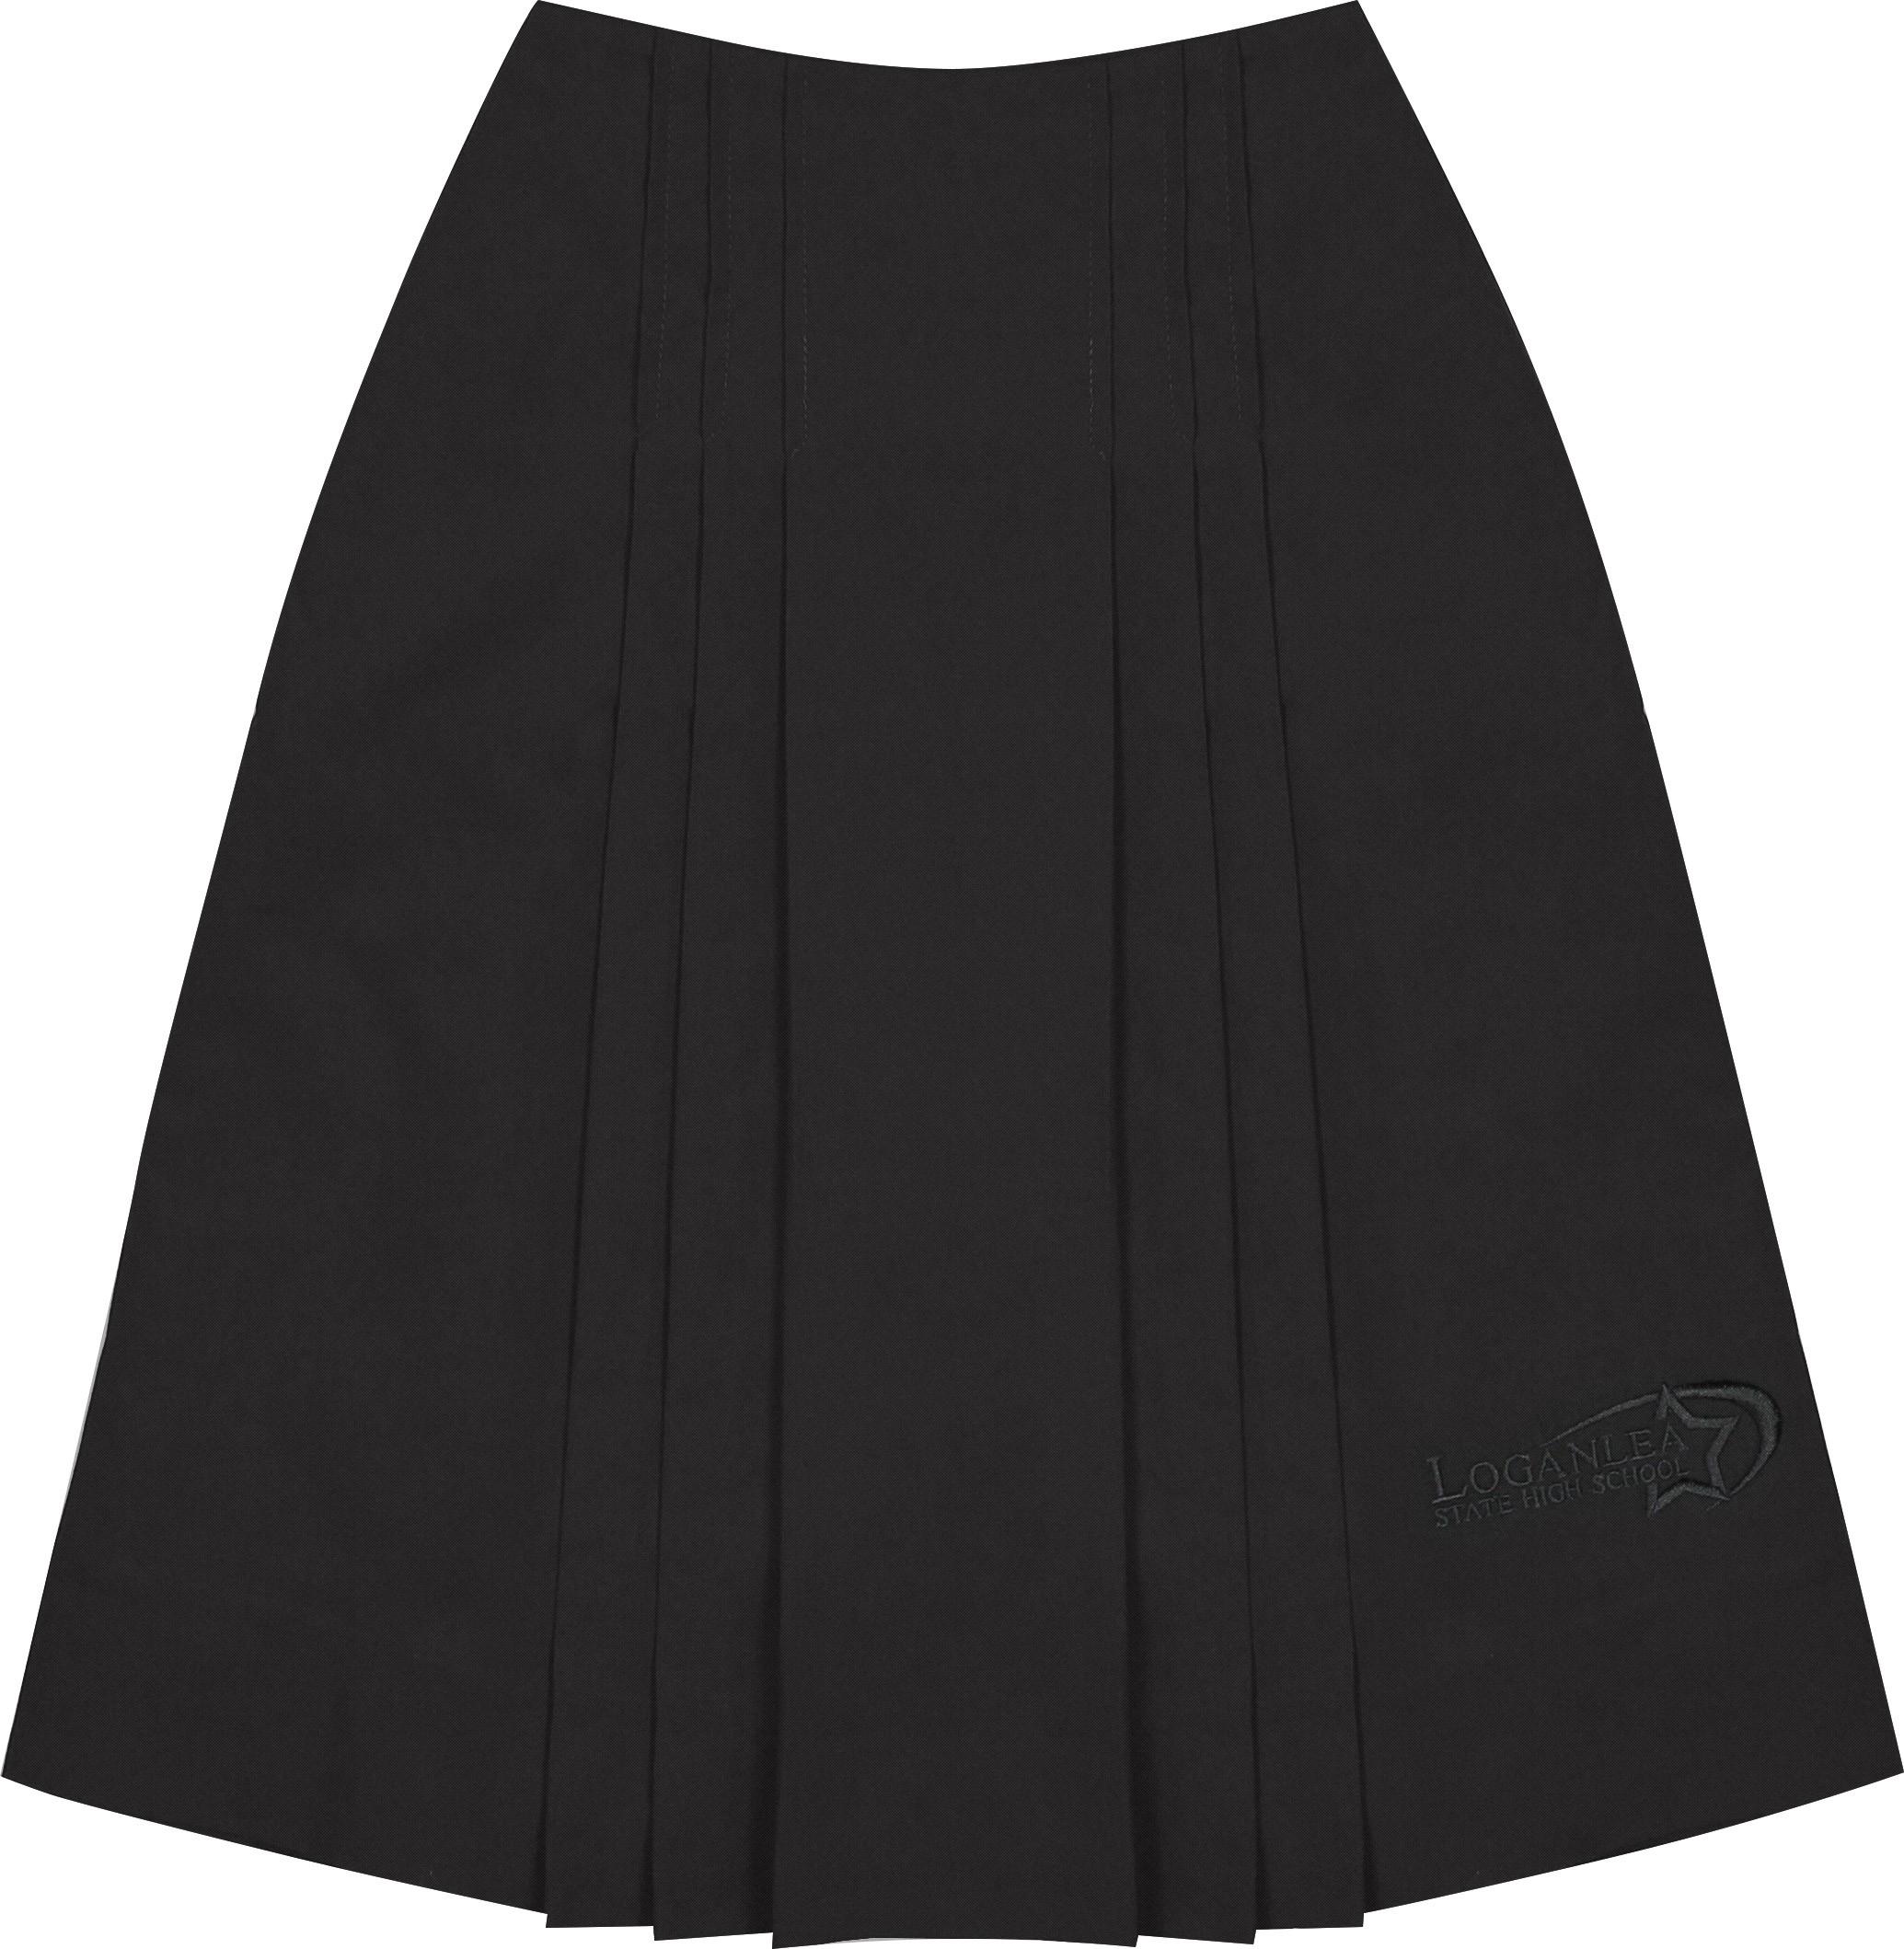 Girls Skirt The School Locker